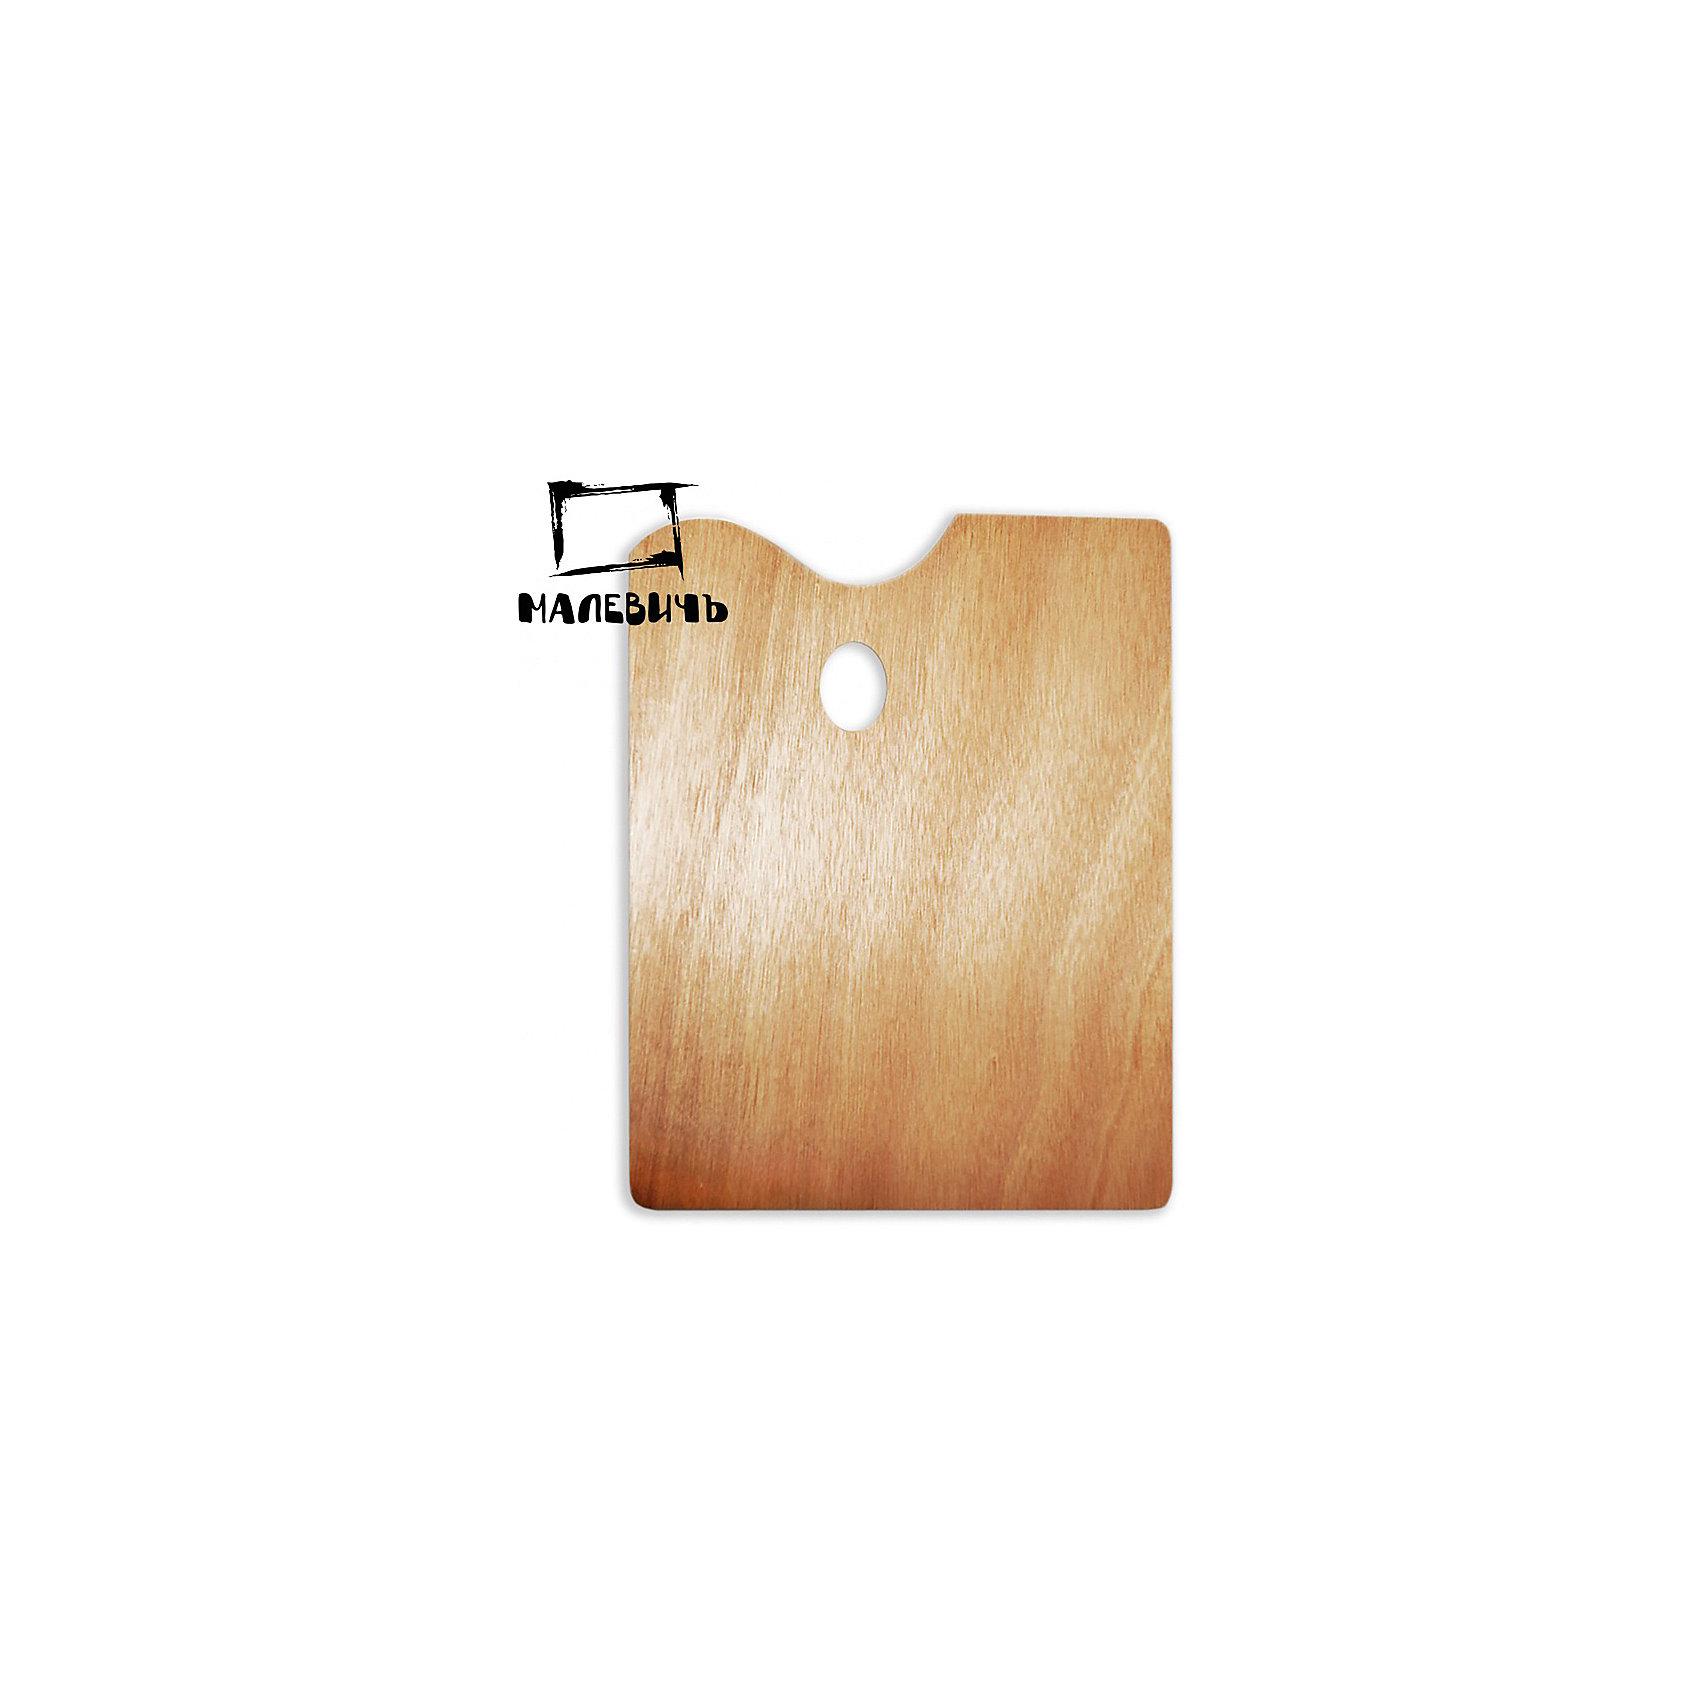 Прямоугольная деревянная палитра Малевичъ, 30х40 смАксессуары для творчества<br>Характеристики:<br><br>• возраст: от 3 лет<br>• материал: древесина<br>• размер: 30х40 см.<br><br>Деревянная прямоугольная палитра Малевичъ предназначена для смешивания гуашевых, акриловых и масляных красок. Благодаря анатомически выверенным отверстиям для пальцев палитра удобно ложится в руку, делая процесс живописи легким и комфортным, а ее гладко отполированная поверхность при необходимости легко очищается от лишней краски с помощью ветоши и шпателя.<br><br>Деревянная палитра Малевичъ изготовлена из экологически чистого, возобновляемого материала, удобна и безопасна в работе, прослужит долгое время.<br><br>Модель увеличенного размера особенно оценят художники, пишущие большие полотна, которым необходимо смешивать значительное количество красок.<br><br>Прямоугольную деревянную палитру Малевичъ, 30х40 см можно купить в нашем интернет-магазине.<br><br>Ширина мм: 300<br>Глубина мм: 400<br>Высота мм: 2<br>Вес г: 29<br>Возраст от месяцев: 36<br>Возраст до месяцев: 2147483647<br>Пол: Унисекс<br>Возраст: Детский<br>SKU: 6910378